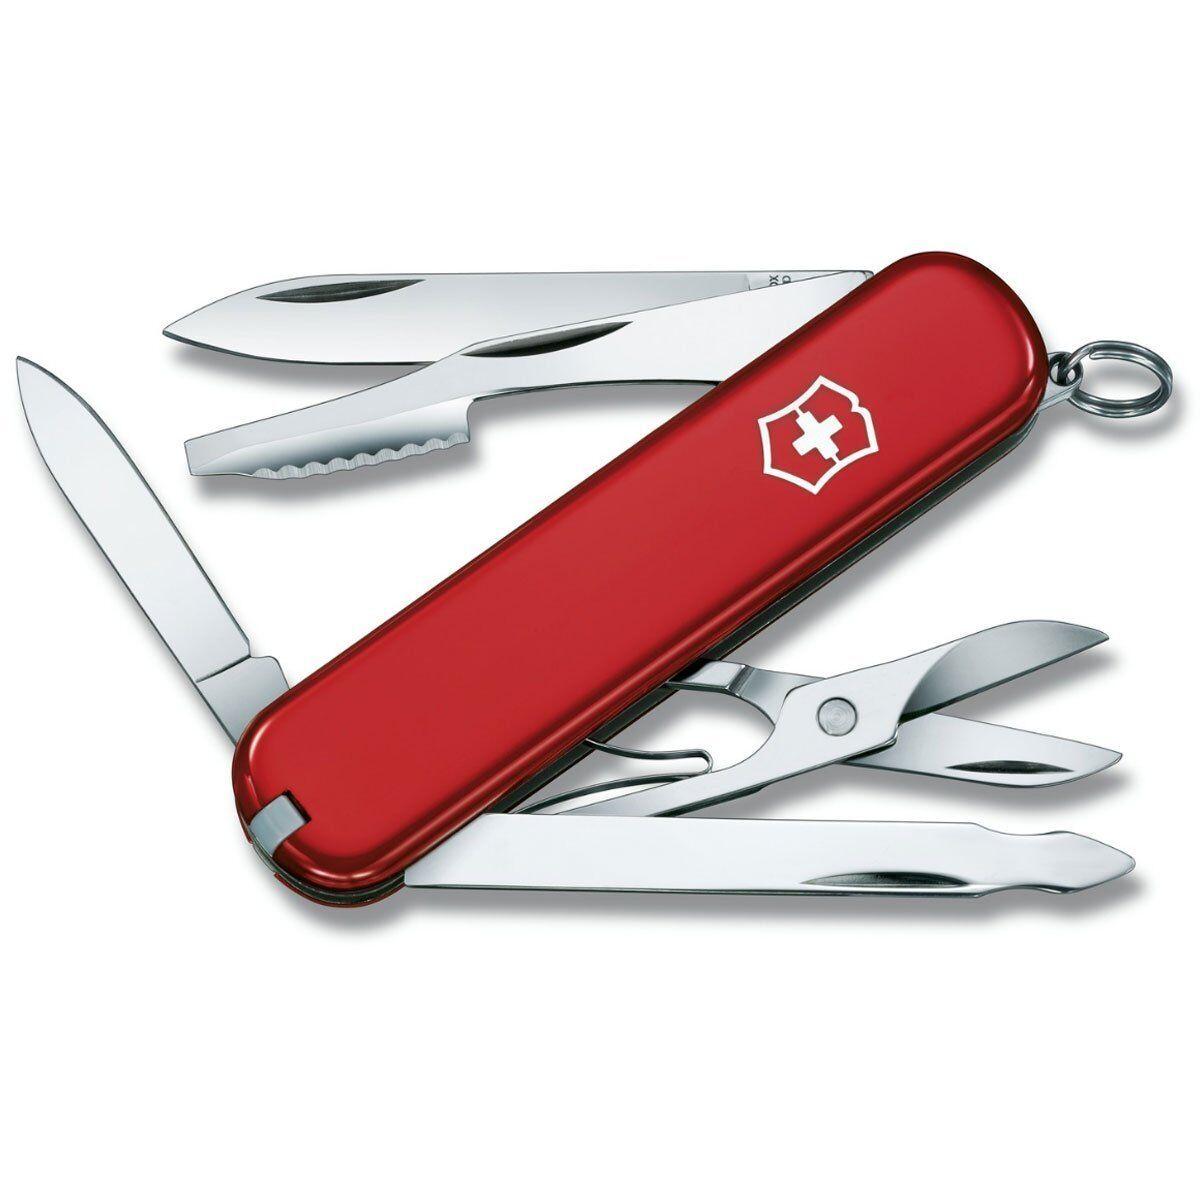 Victorinox Taschenmesser Taschenwerkzeug Executive 0.6603 rot neu OVP  | König der Quantität